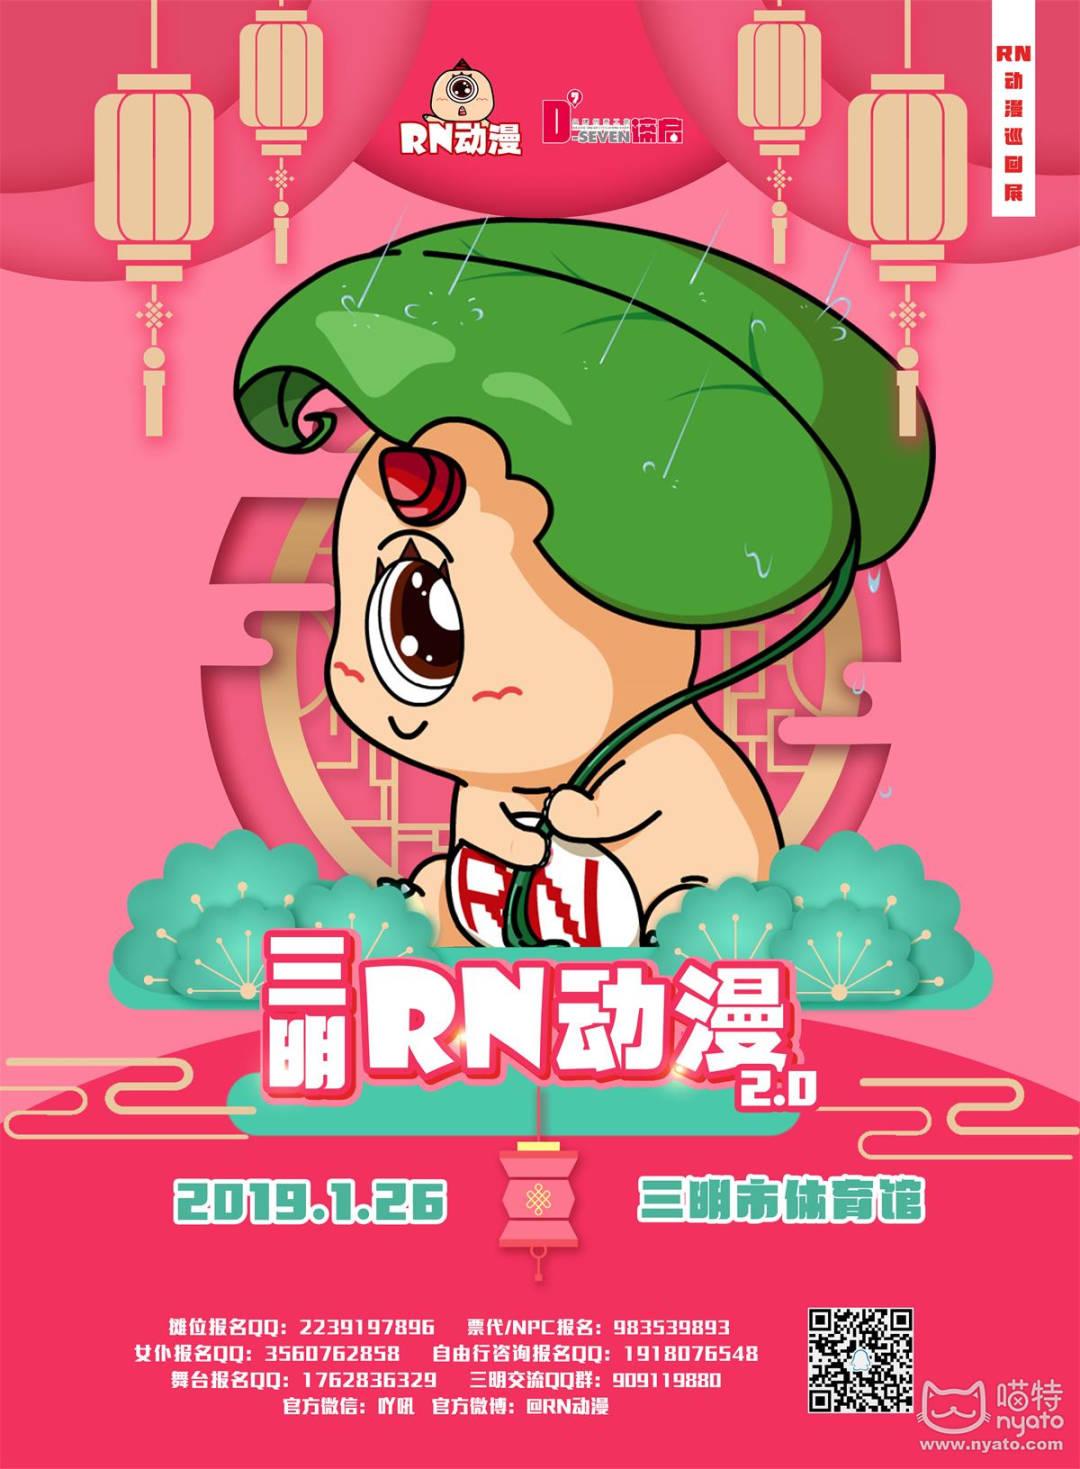 三明RN2.0海报.jpg